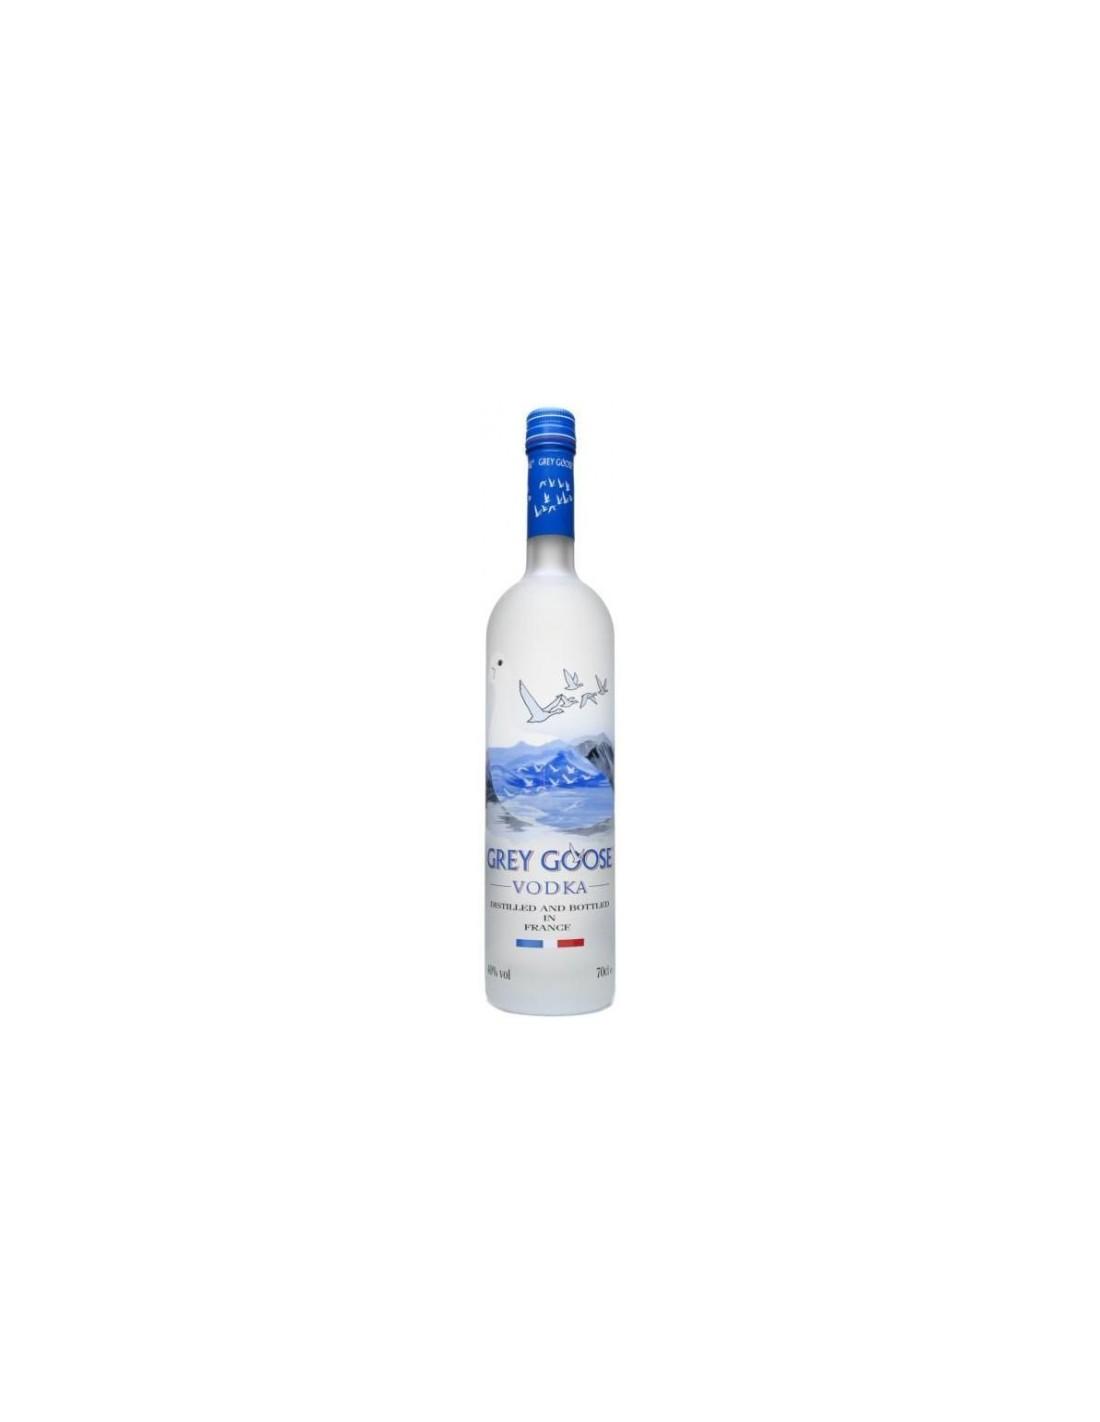 Vodca Grey Goose 0.7L, 40% alc., Franta